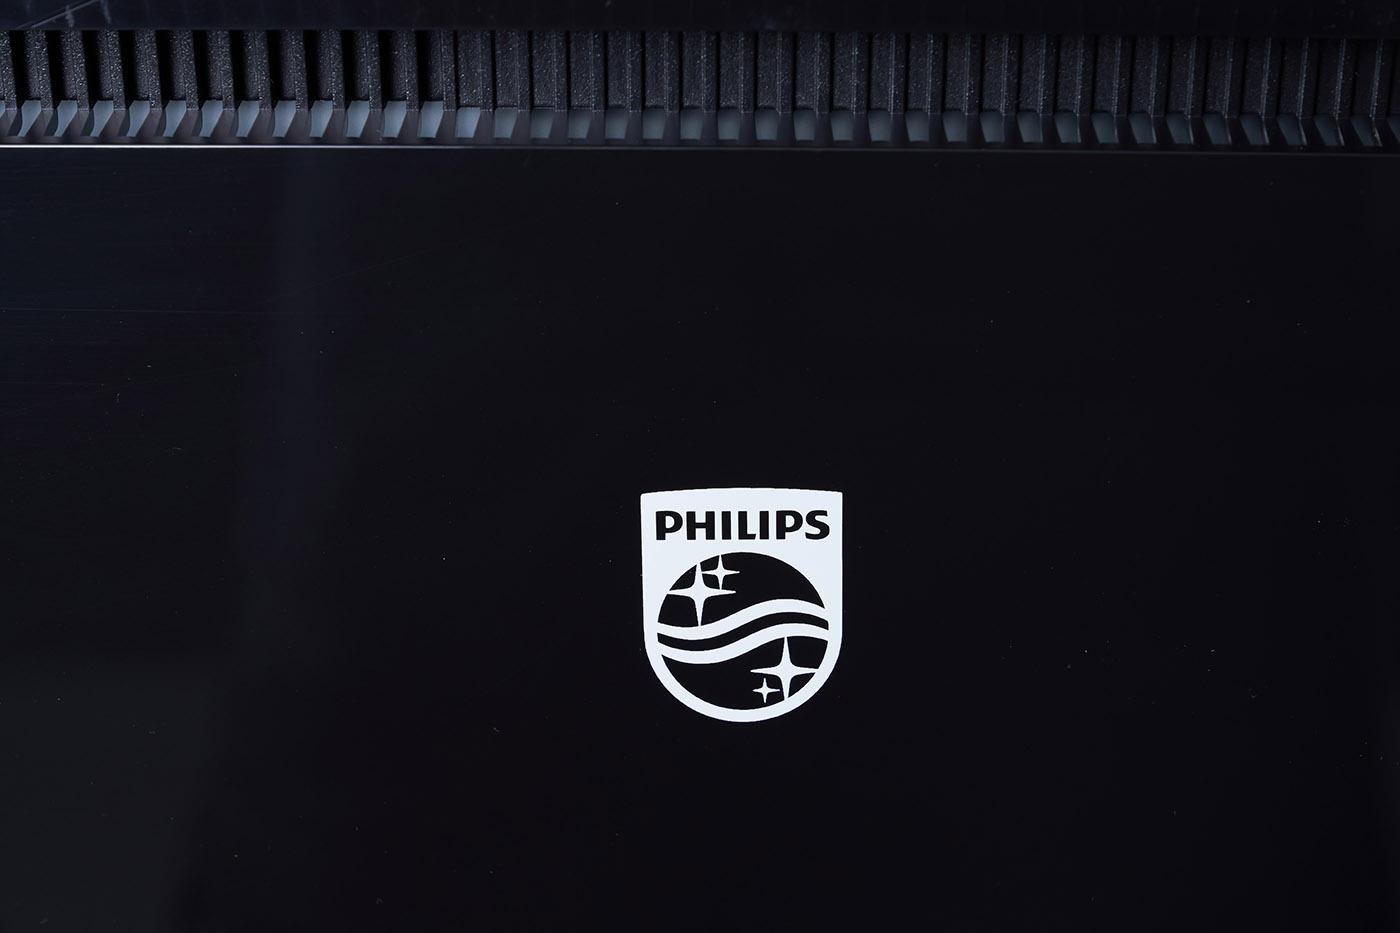 在鏡面區域簡約存在的 Philips 商標圖案,以鮮明的白色設計,有著畫龍點睛的美感。